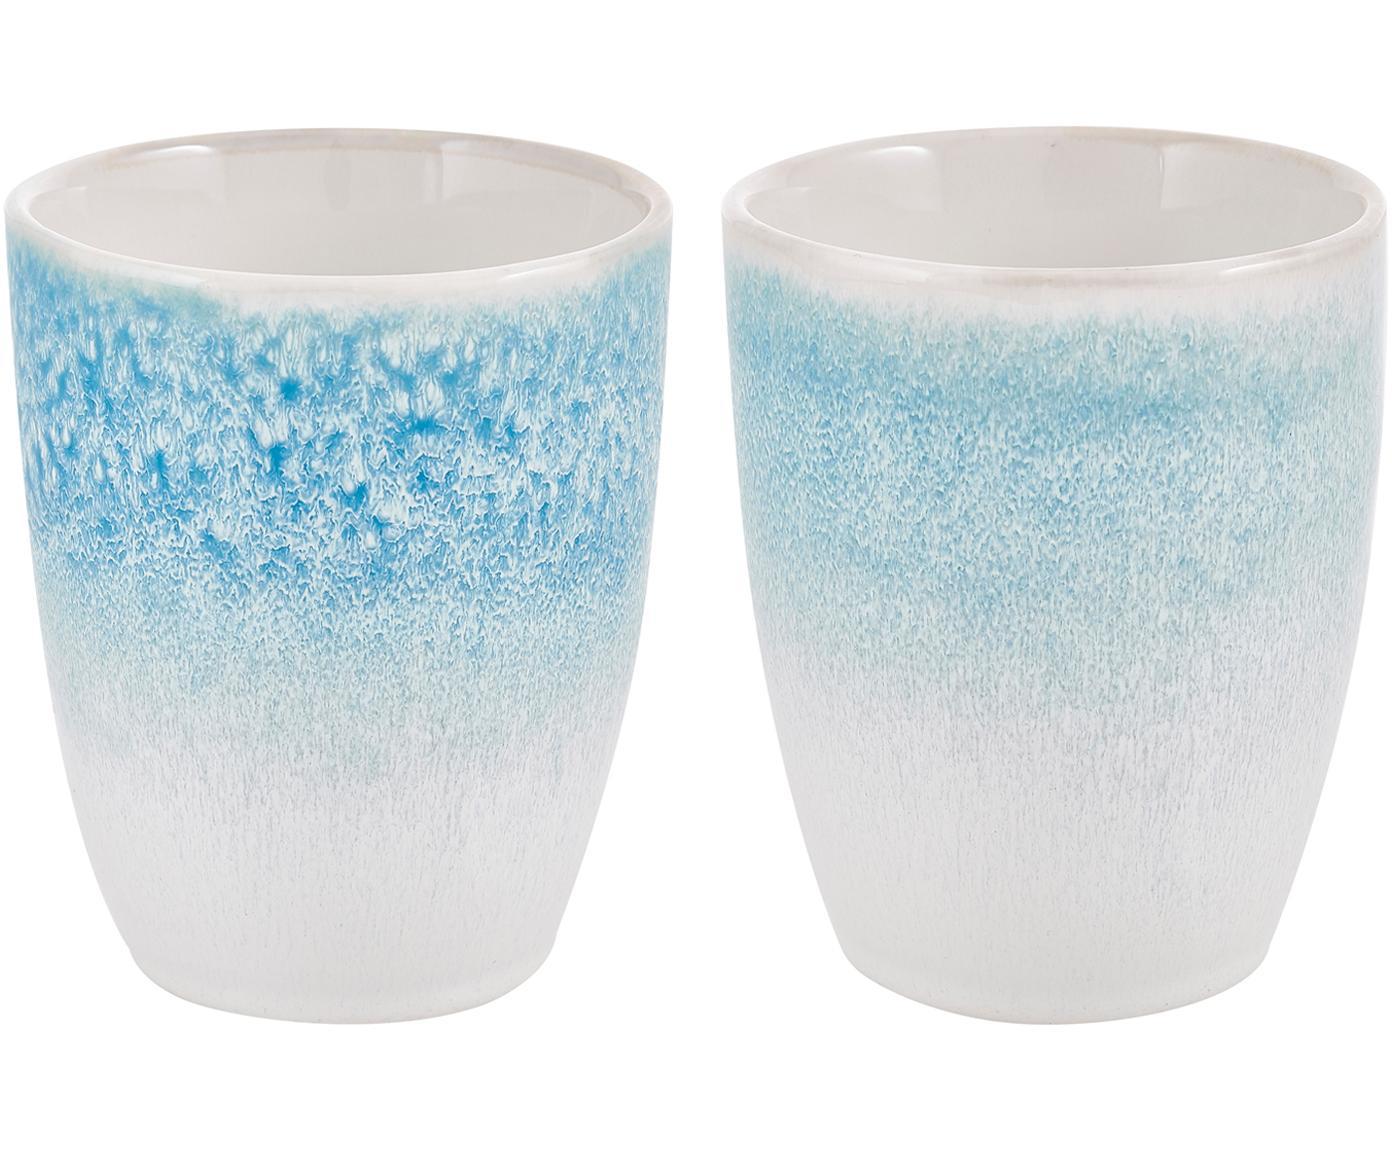 Handgemachte Becher Amalia mit effektvoller Glasur, 2 Stück, Porzellan, Hellblau, Cremeweiss, Ø 10 x H 11 cm